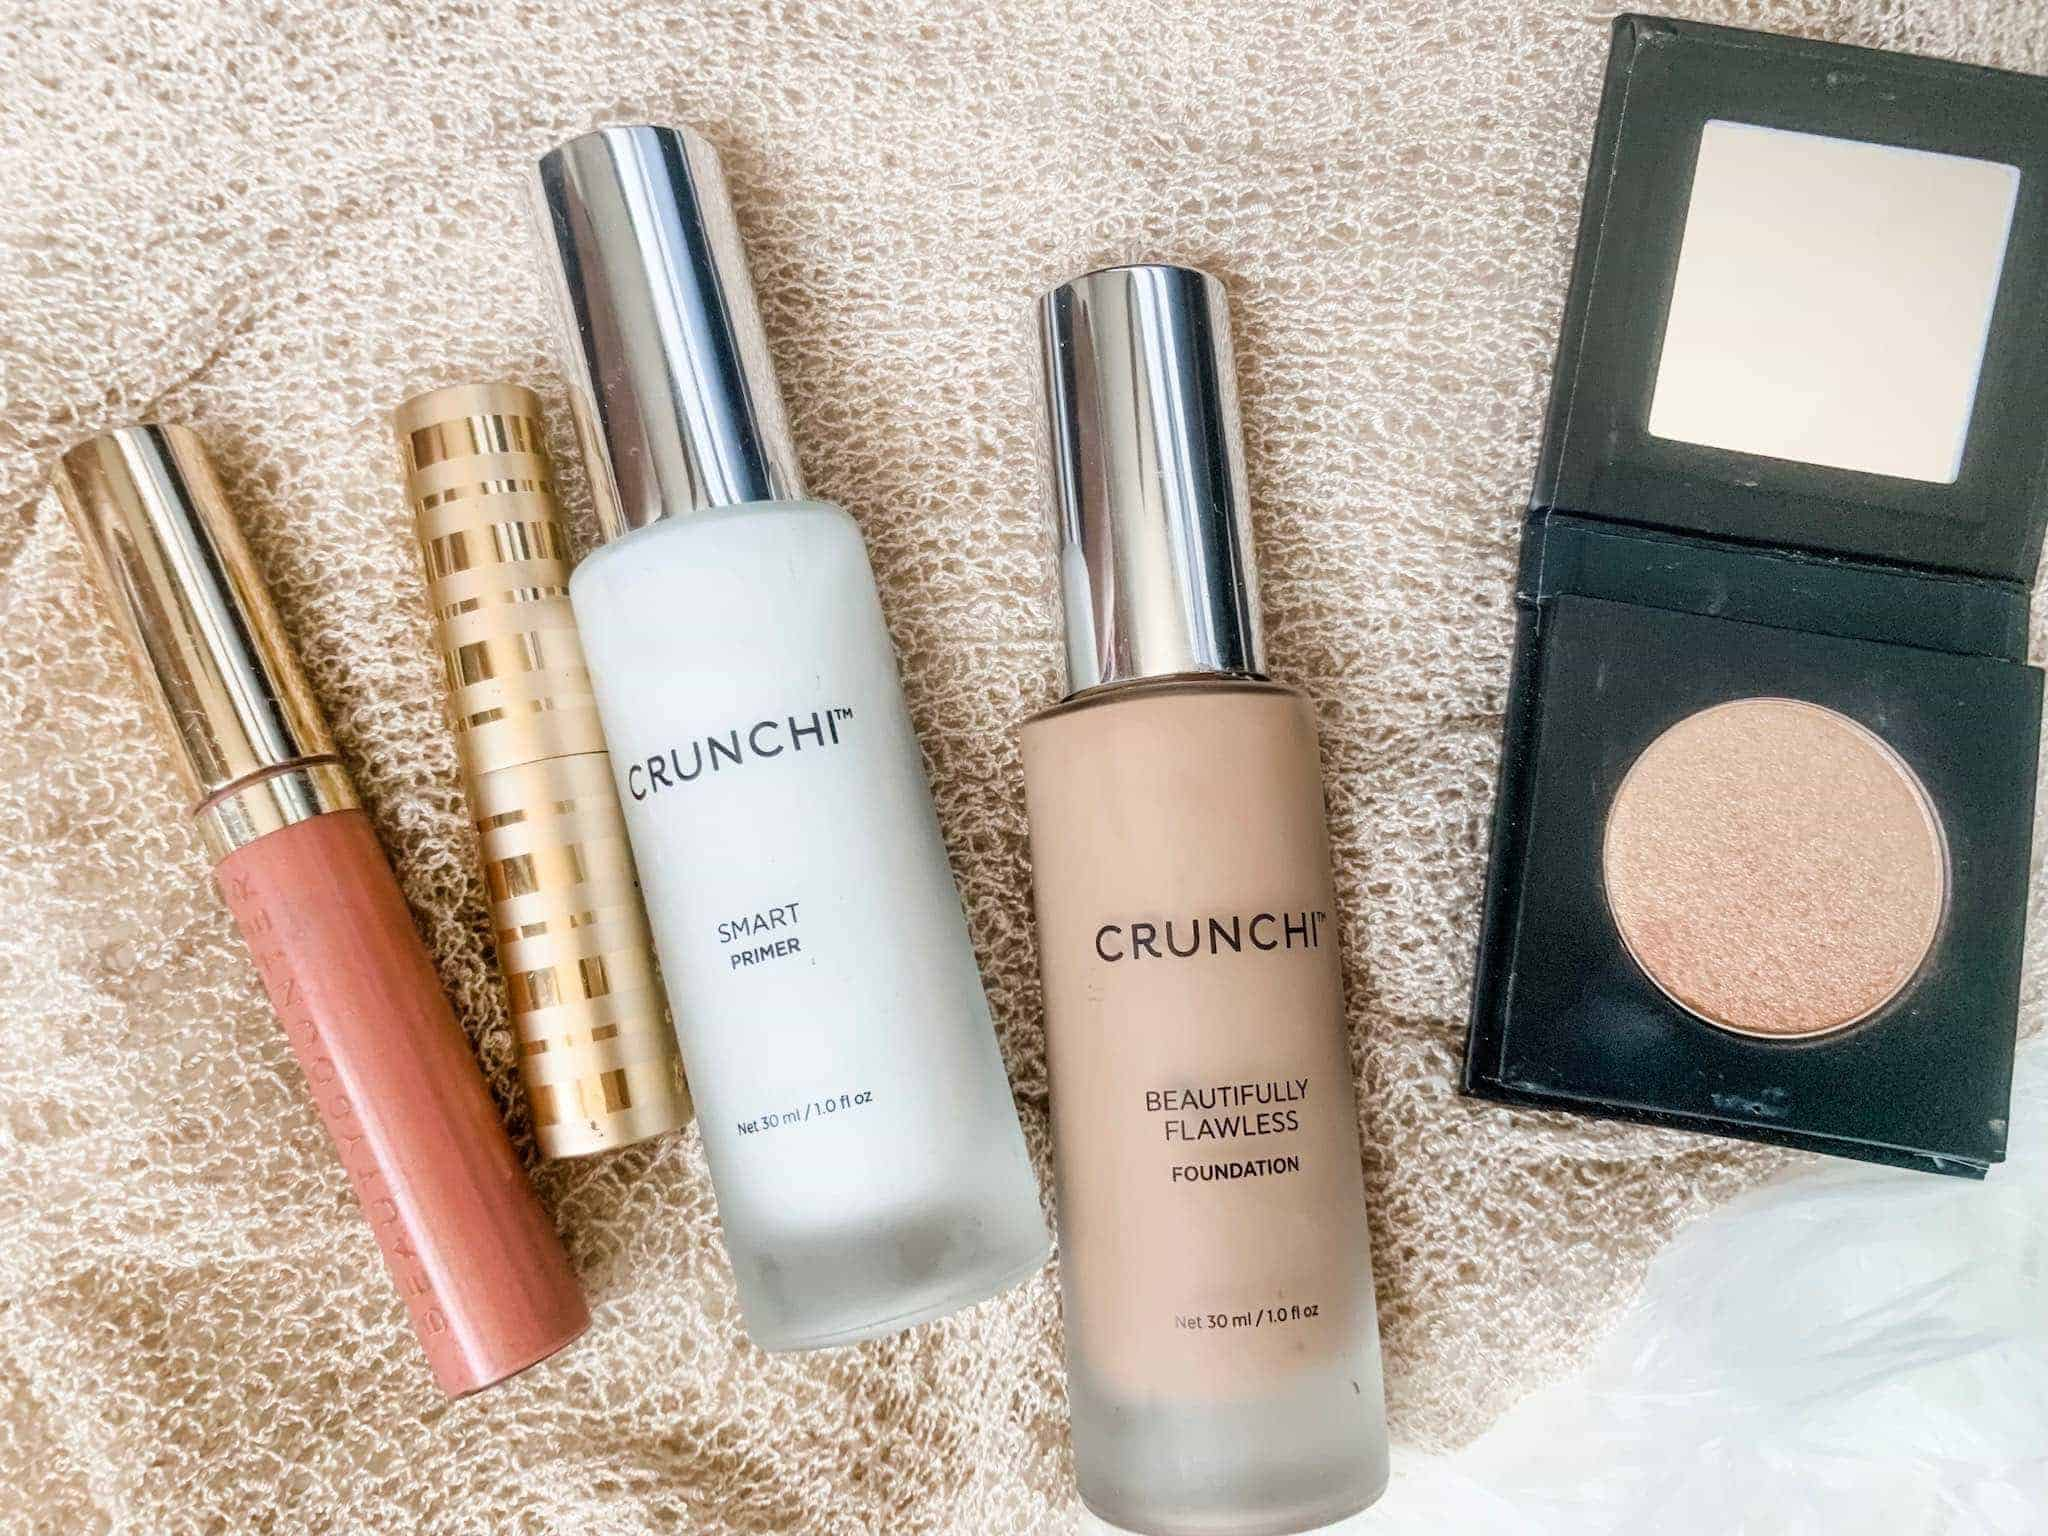 Pregnancy-Safe Makeup: Safer Cosmetics for Pregnancy